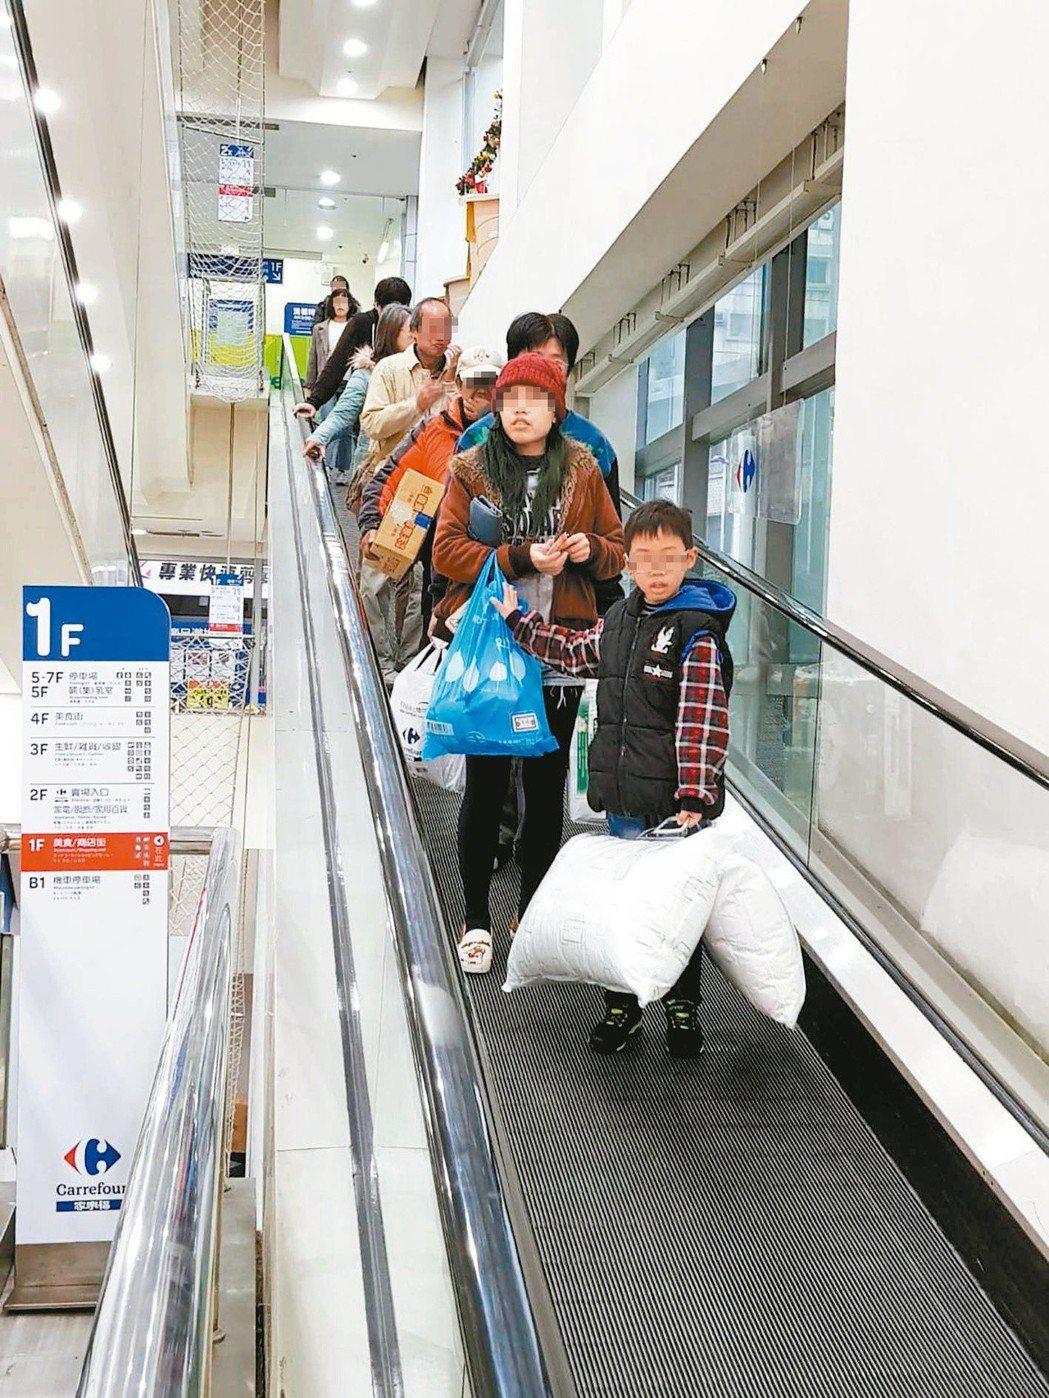 為了配合限塑政策,出門記得自行攜帶環保購物袋。 記者彭宣雅/攝影